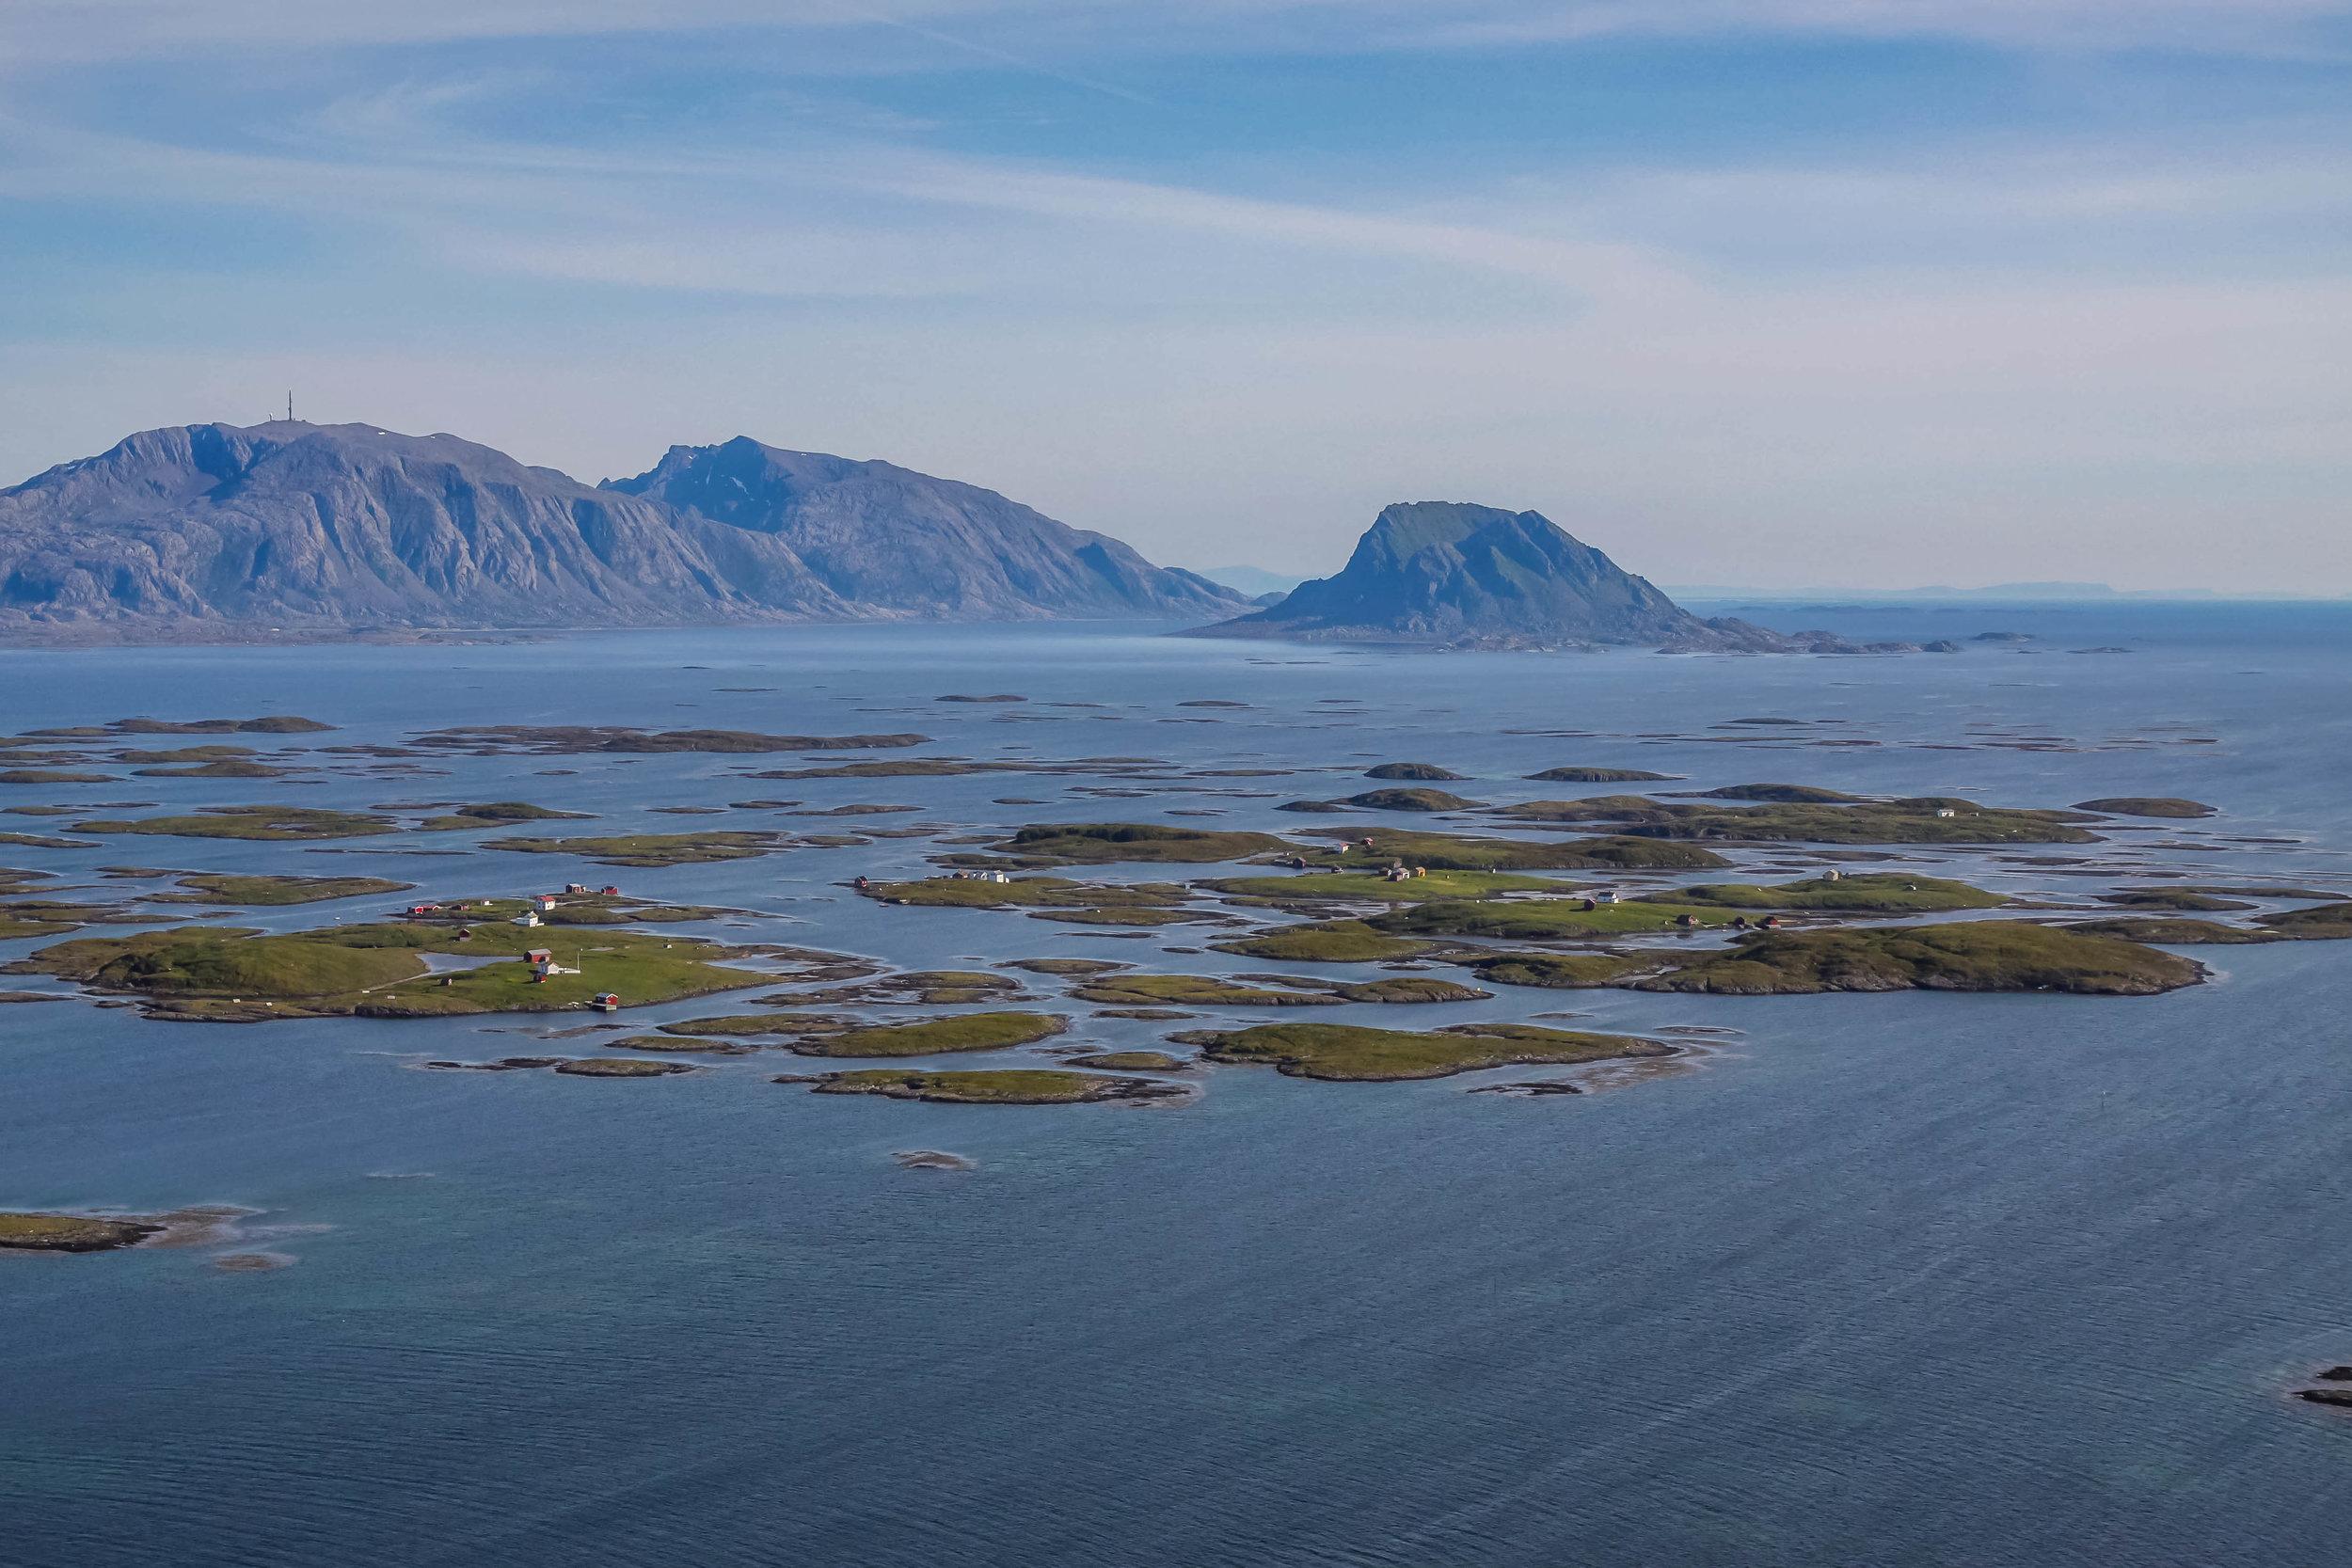 Deler av verdensarvområdet. Her ser dere Hysvær med Vega og Søla i bakgrunnen. Foto: Inge Ove Tysnes.